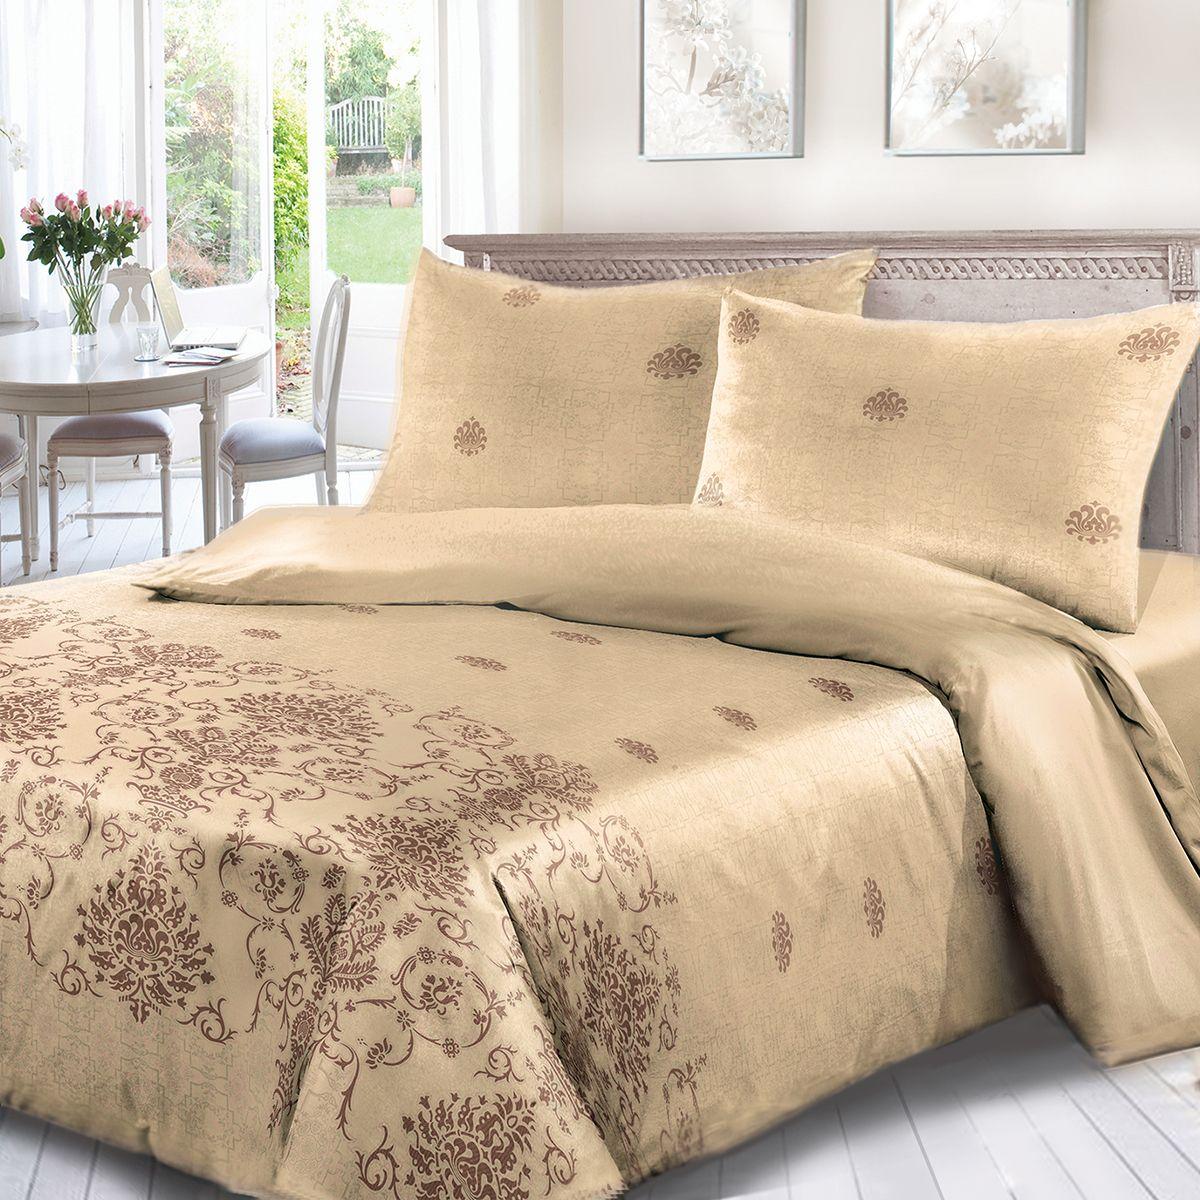 Комплект белья Сорренто Шамбала, евро, наволочки 70x70, цвет: коричневый. 4021-180282